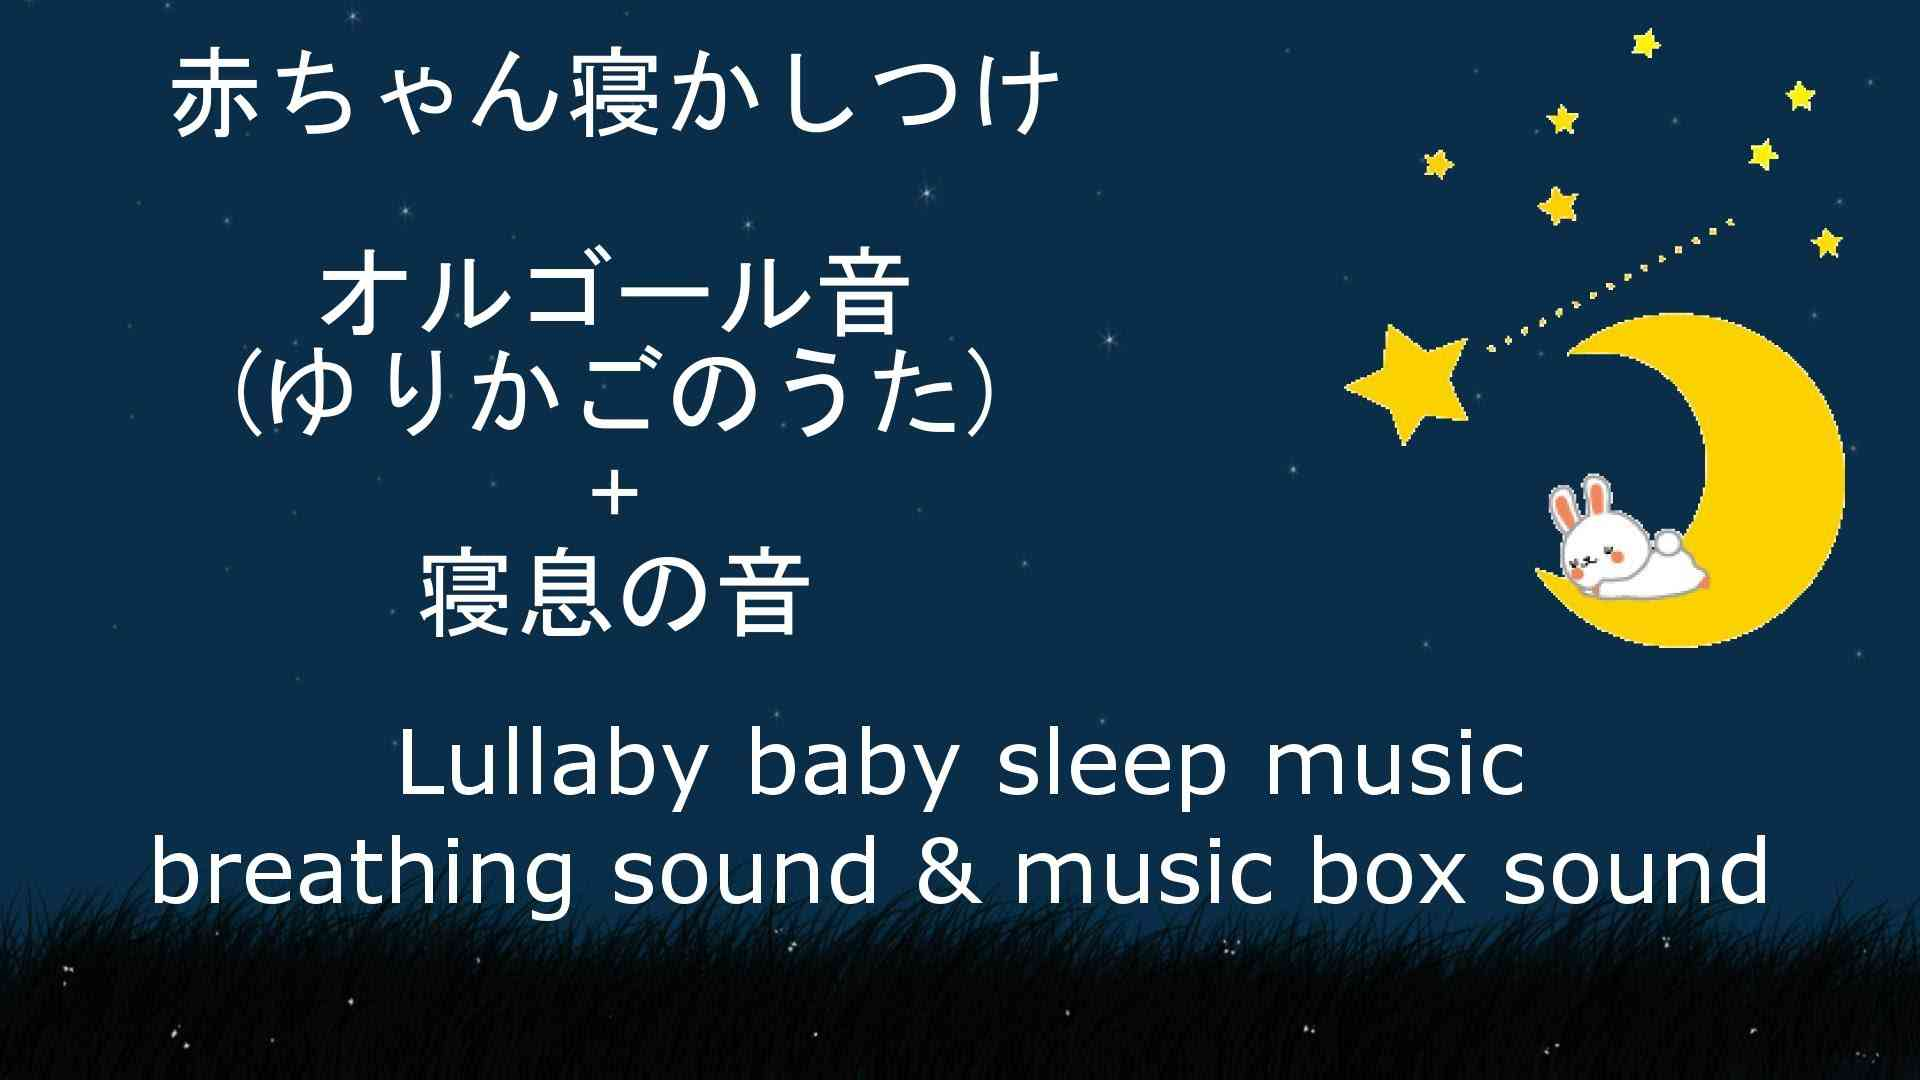 赤ちゃん&乳児&幼児の寝かしつけ ゆりかごのうた(オルゴール)+寝息の音  breathing sound & music box sound baby bedtime sleeping music - YouTube